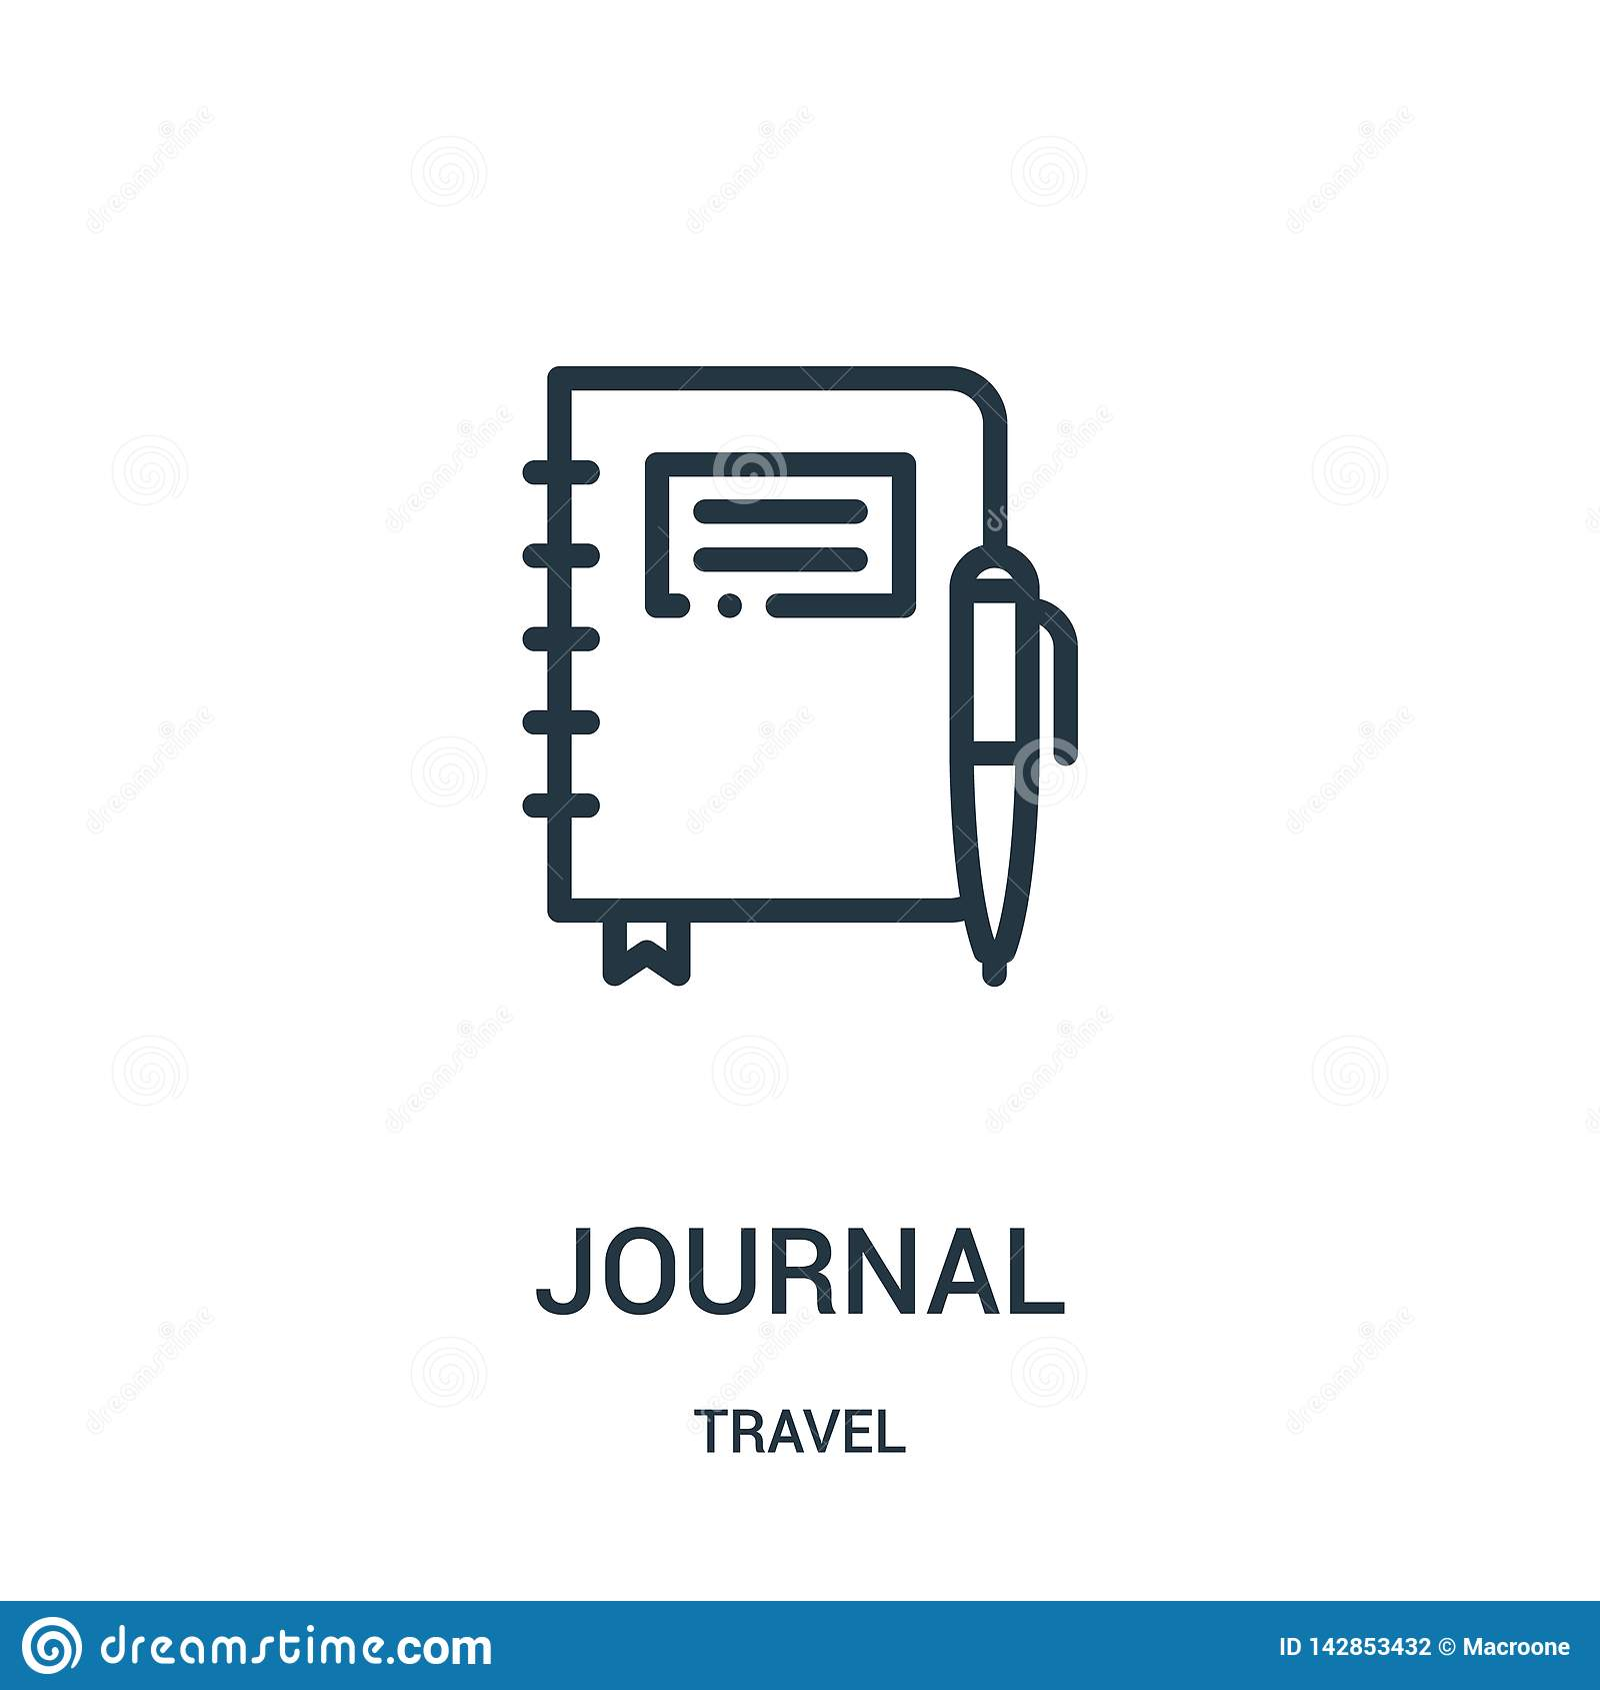 вектор значка журнала от собрания перемещения Тонкая линия иллюстрация вектора значка плана журнала Линейный символ для пользы на